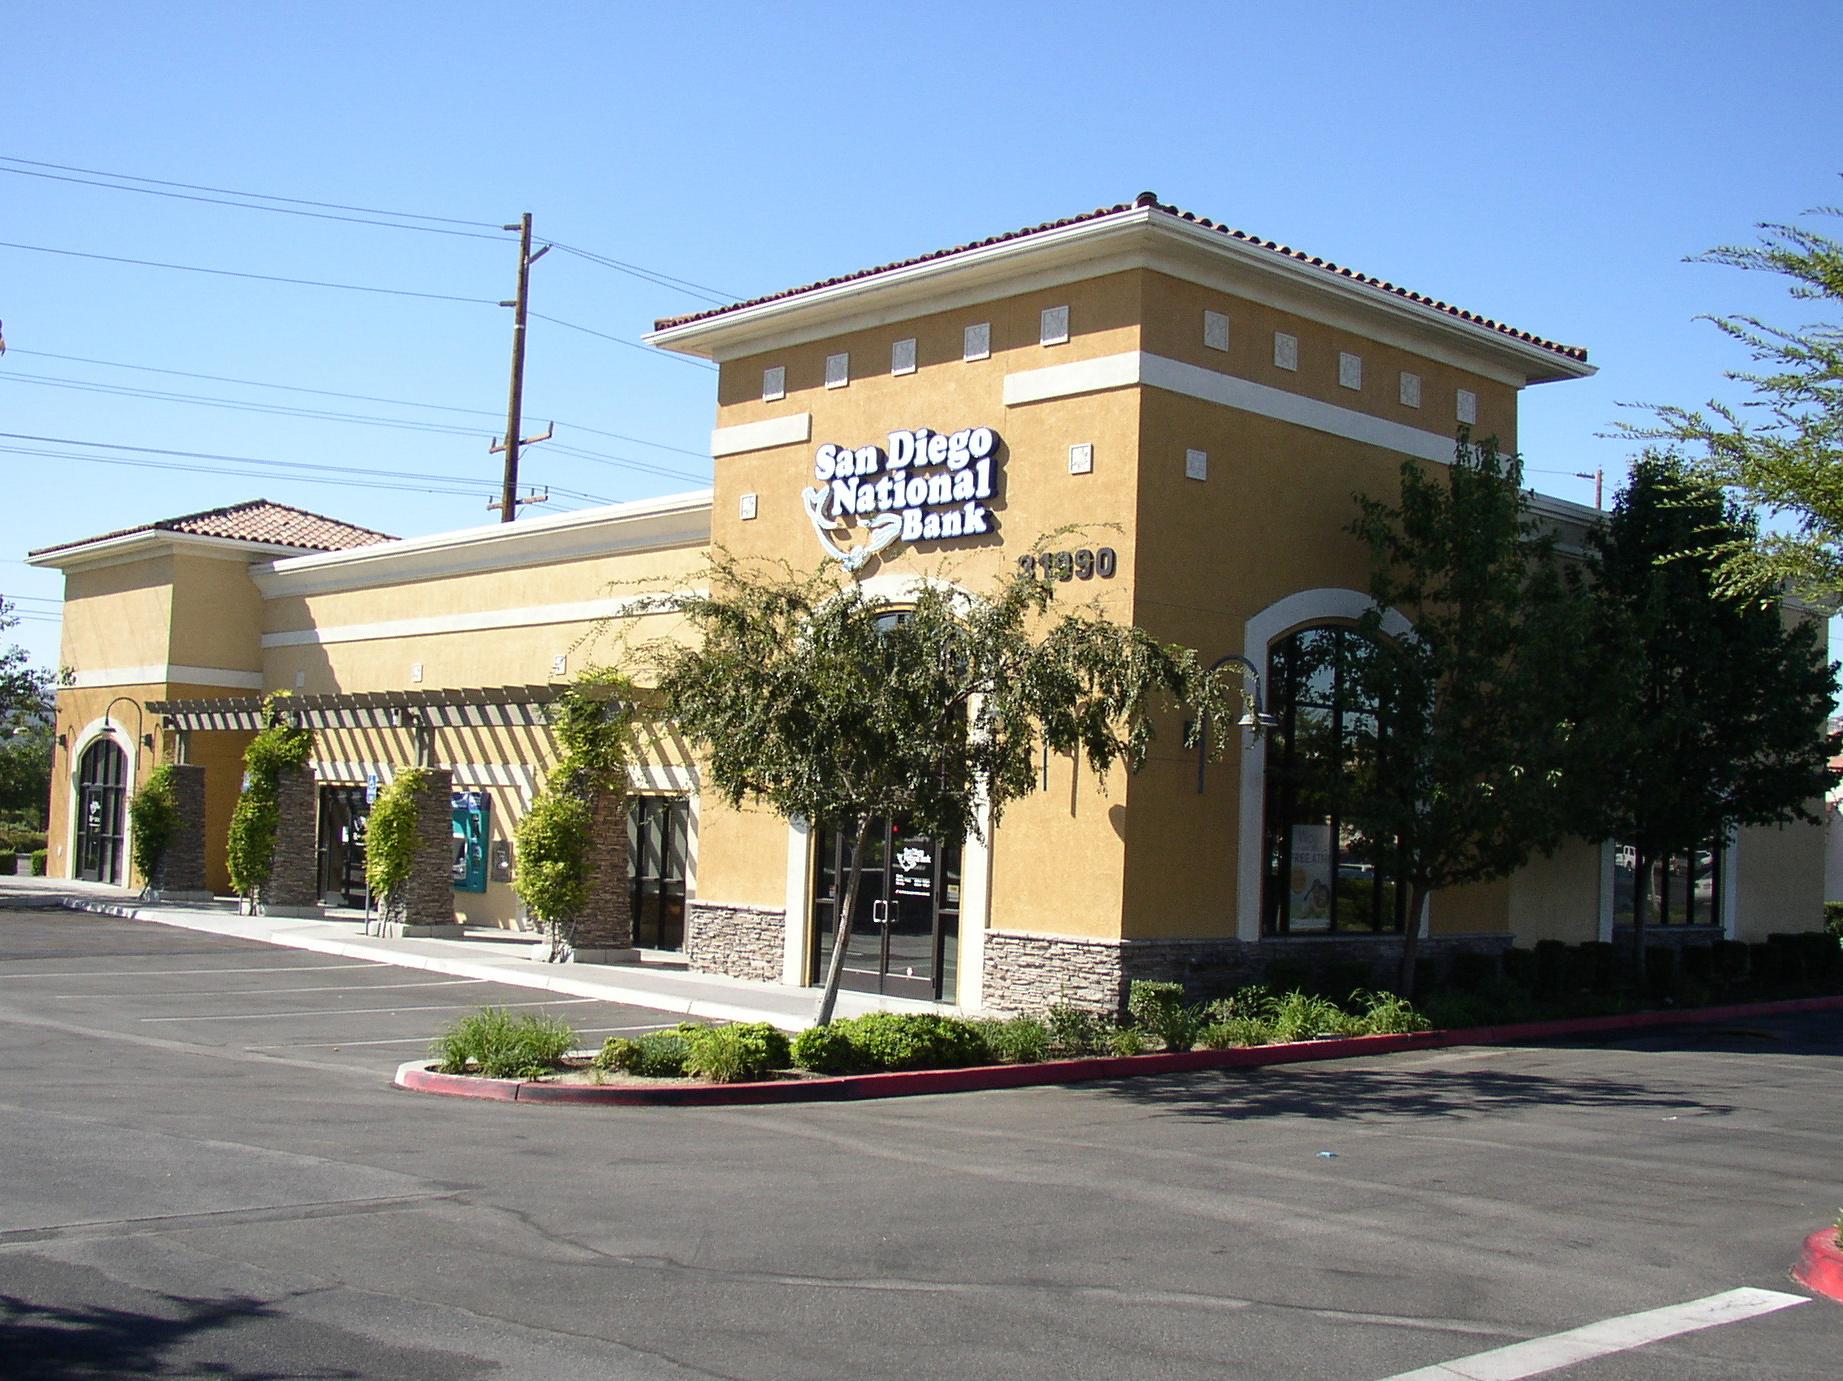 12 commercial retail buildings design images small for Small commercial building design plans